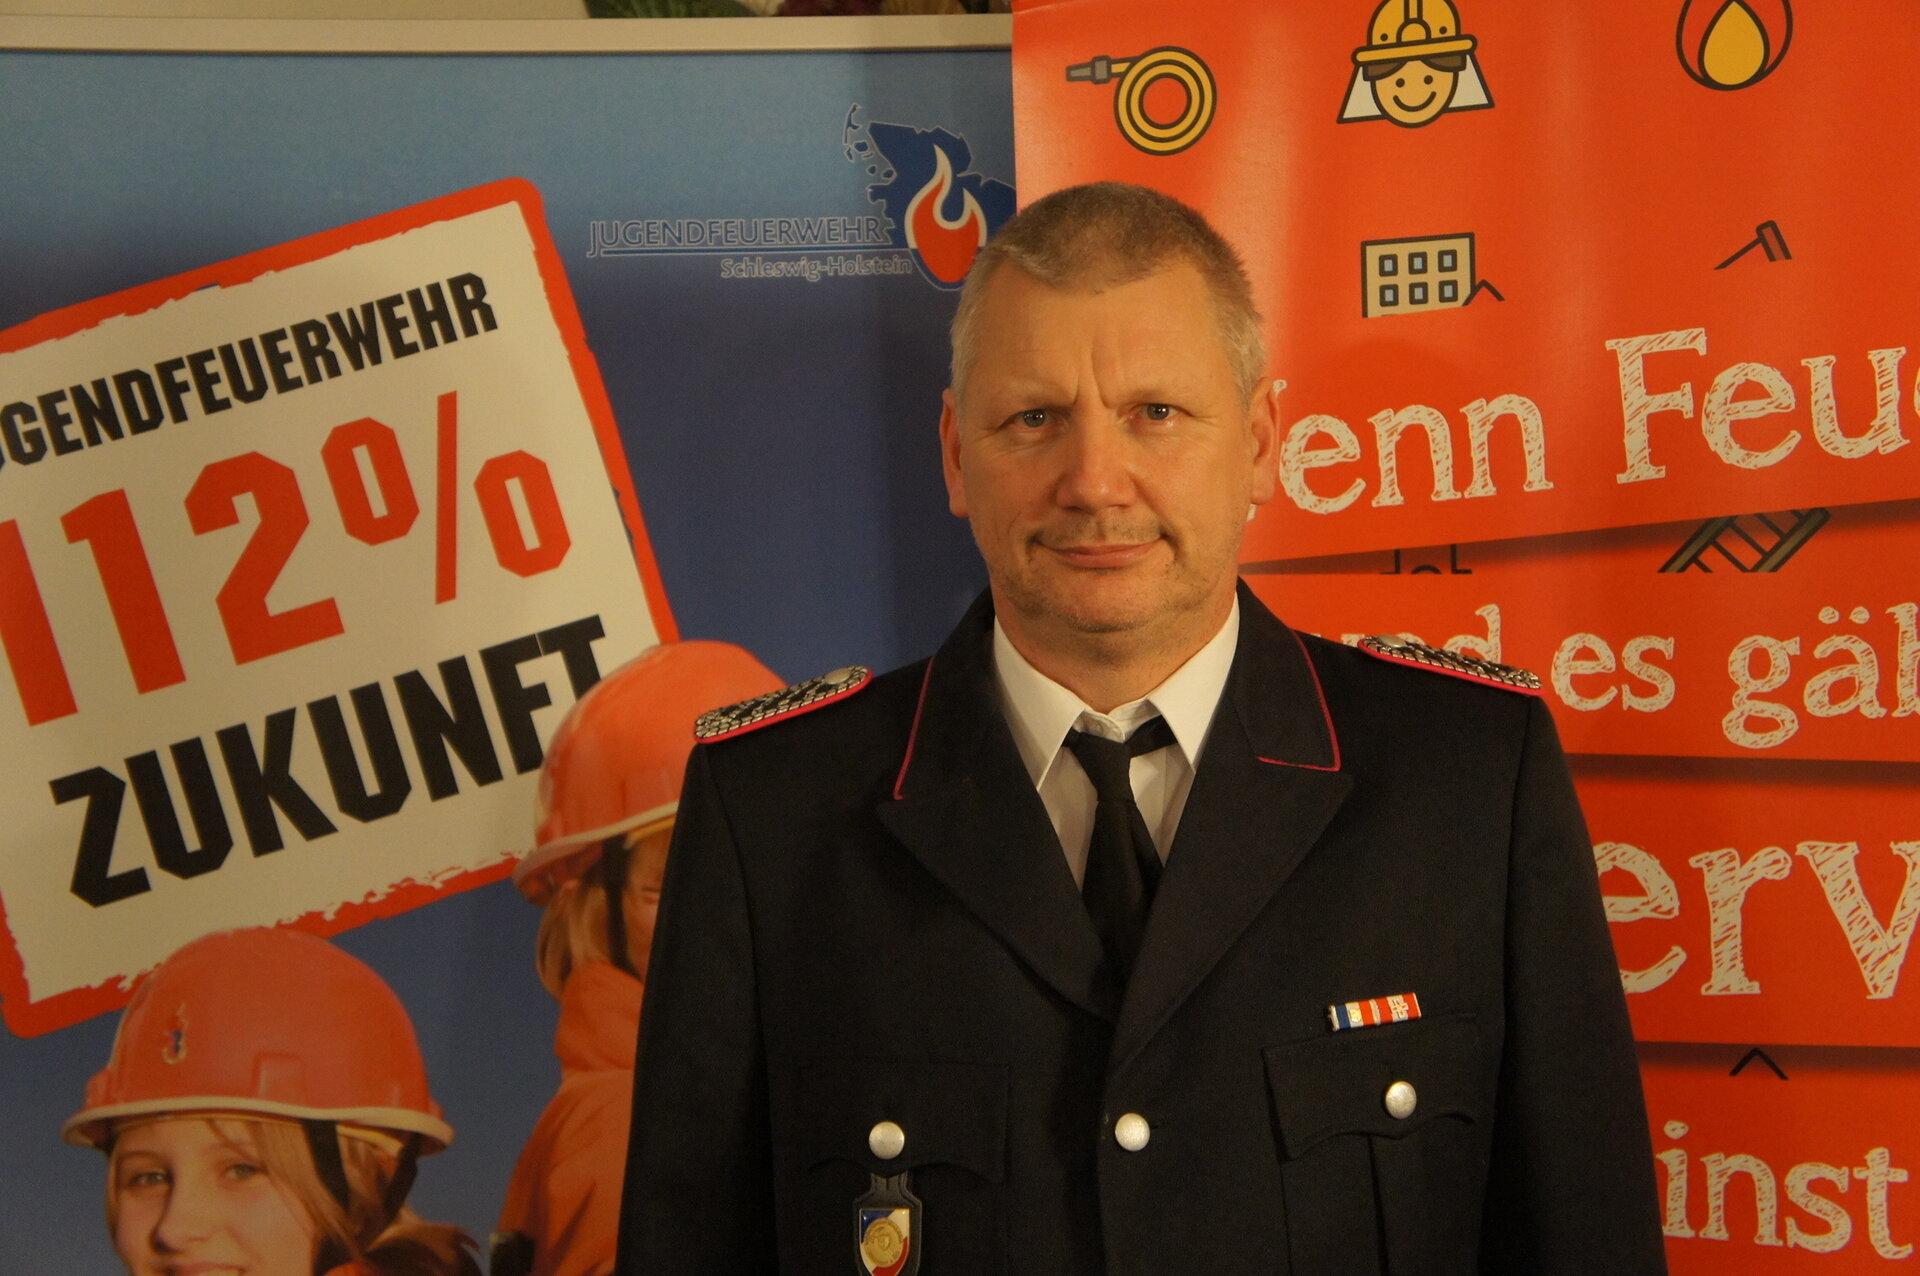 Jens_Hoffmann_Atemschutzbeauftragter